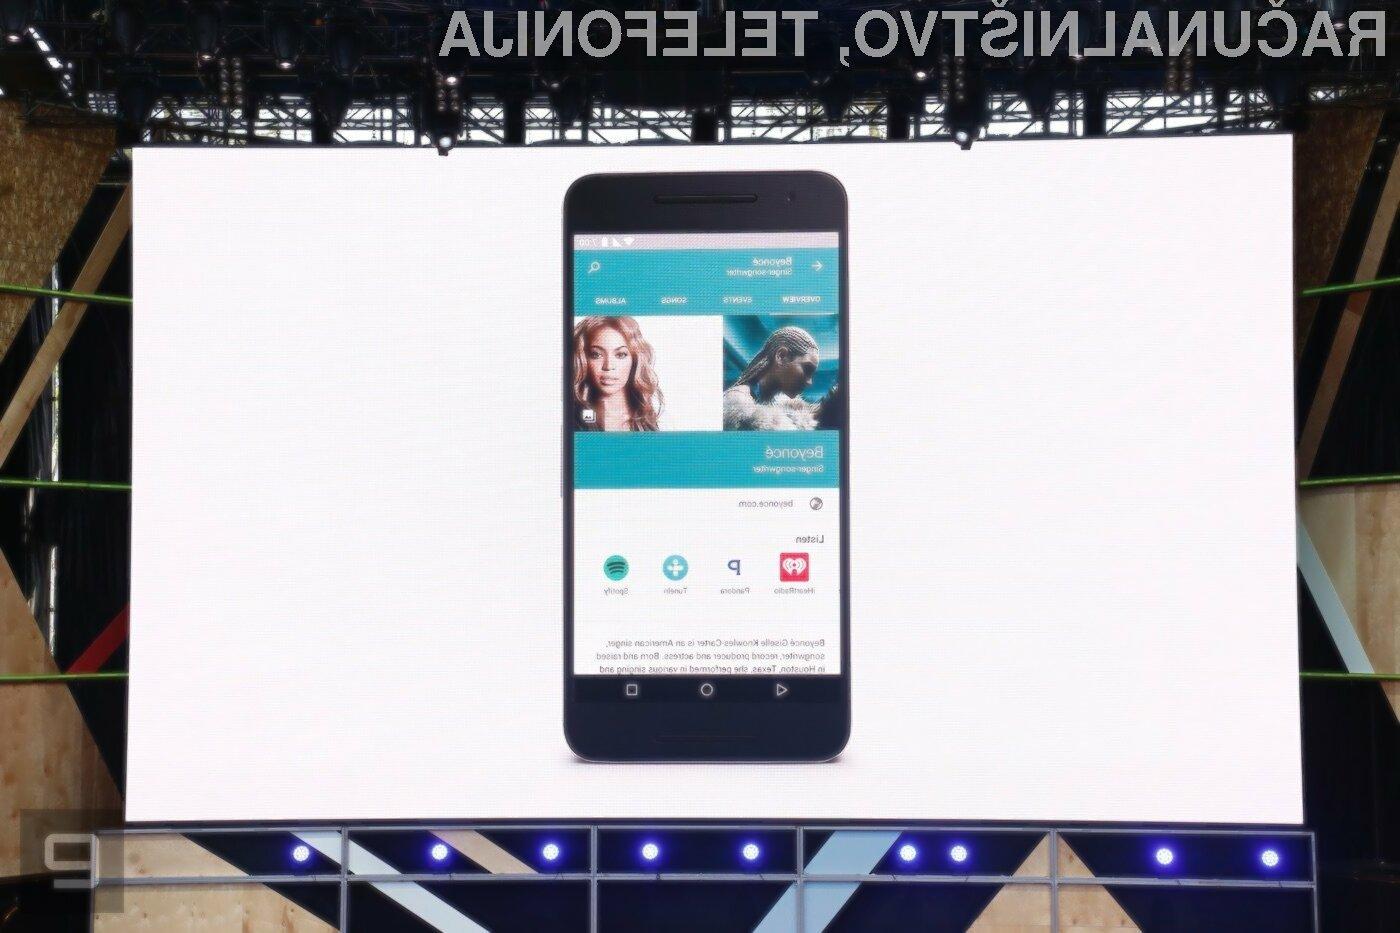 Digitalni asistent Google Assistant se bo povsem prilagodil zahtevam uporabnika.